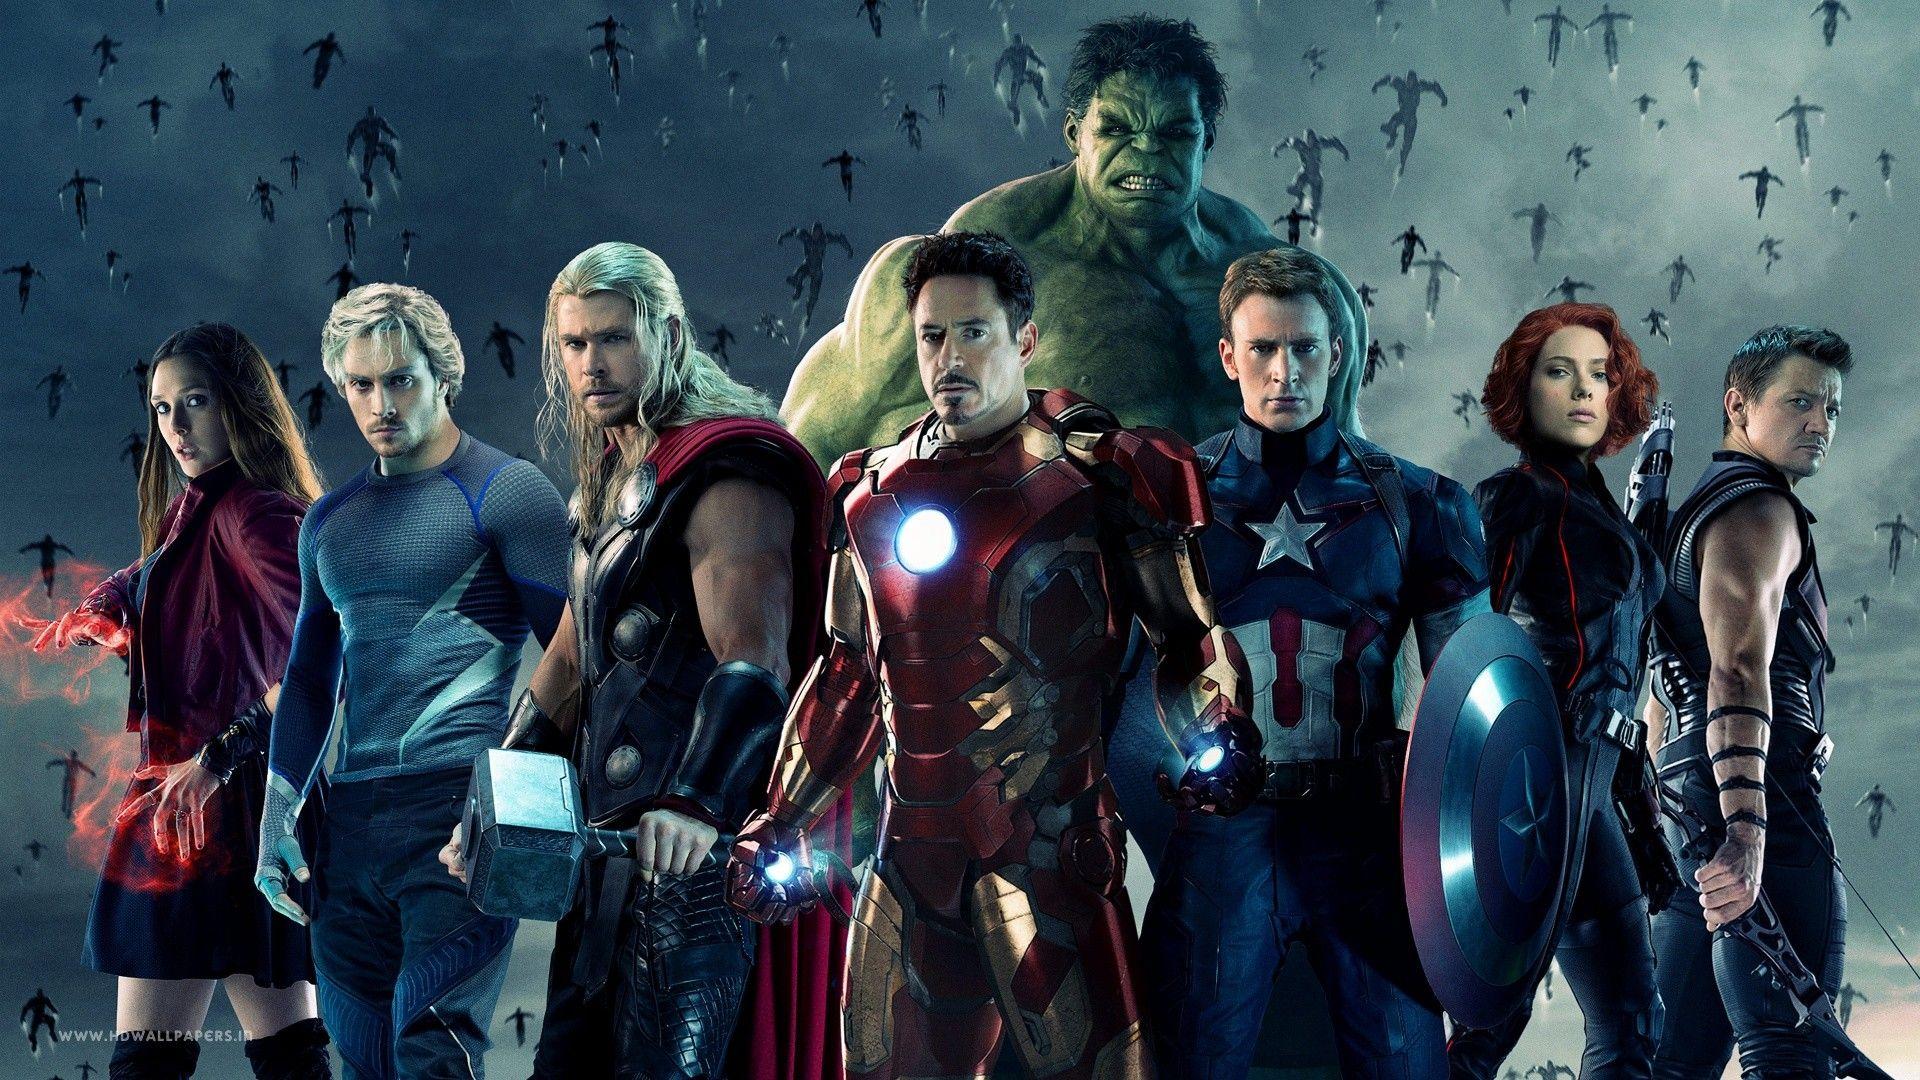 1920x1080 Avengers Hd Wallpaper Downlod Avengers Age Marvel